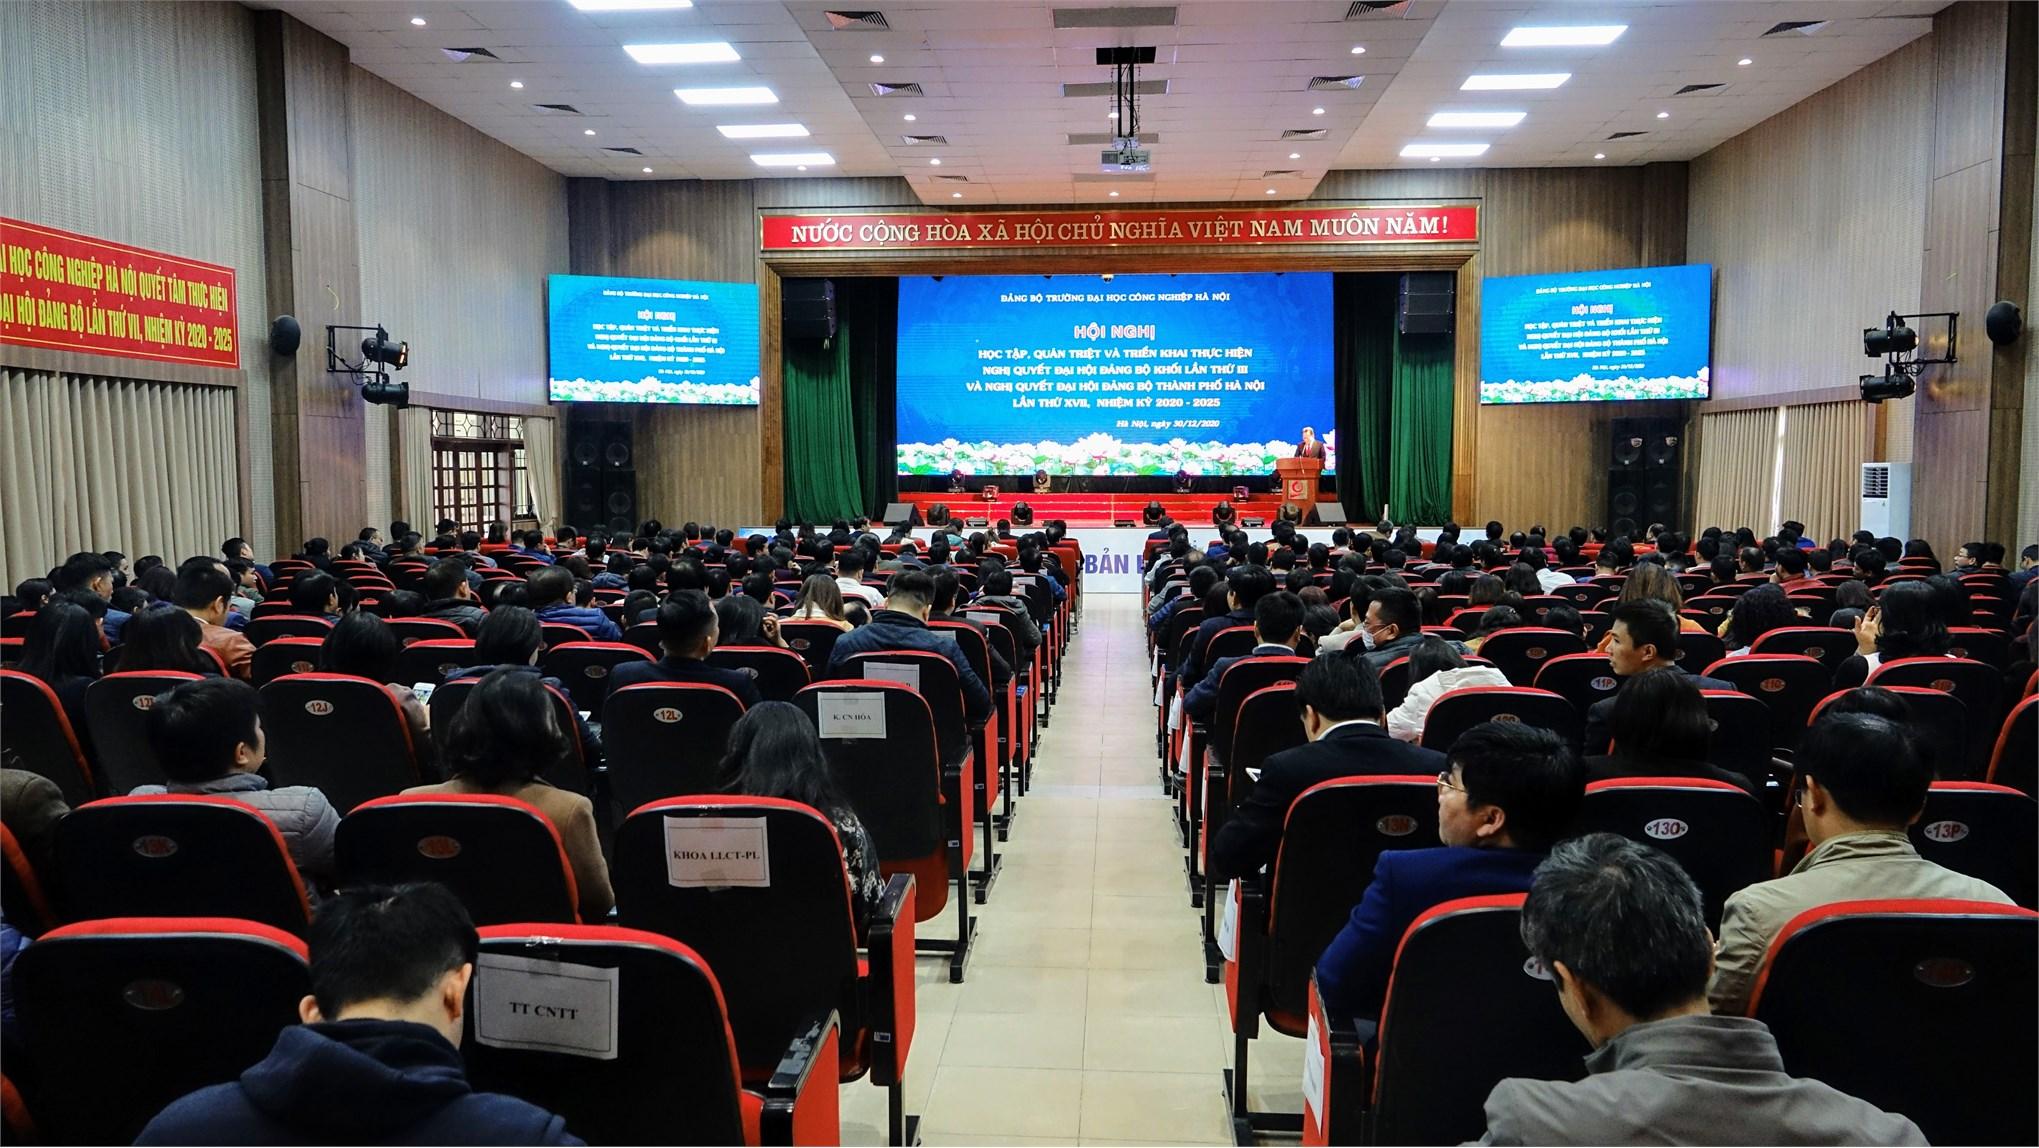 Hội nghị triển khai Nghị quyết Đại hội Đảng bộ cấp trên và Tổng kết công tác Đảng của Đảng bộ trường ĐHCNHN năm 2020